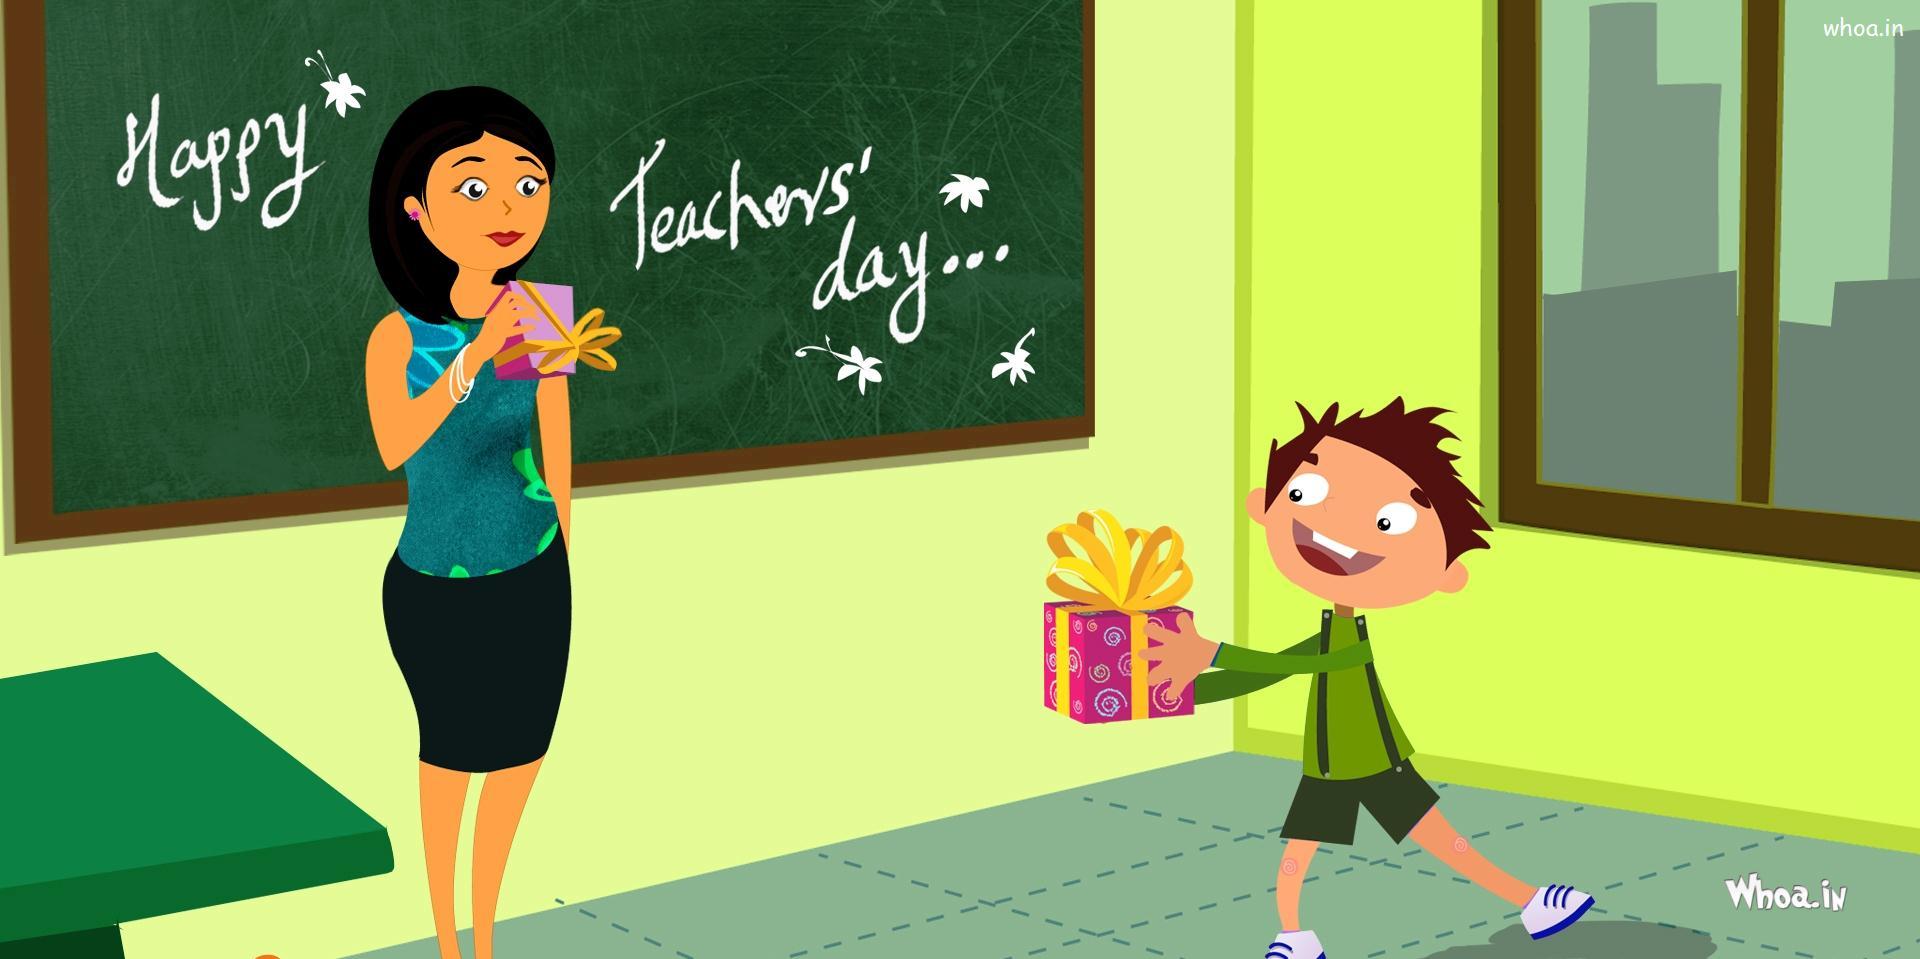 Happy Teachers Day HD Wallpaper